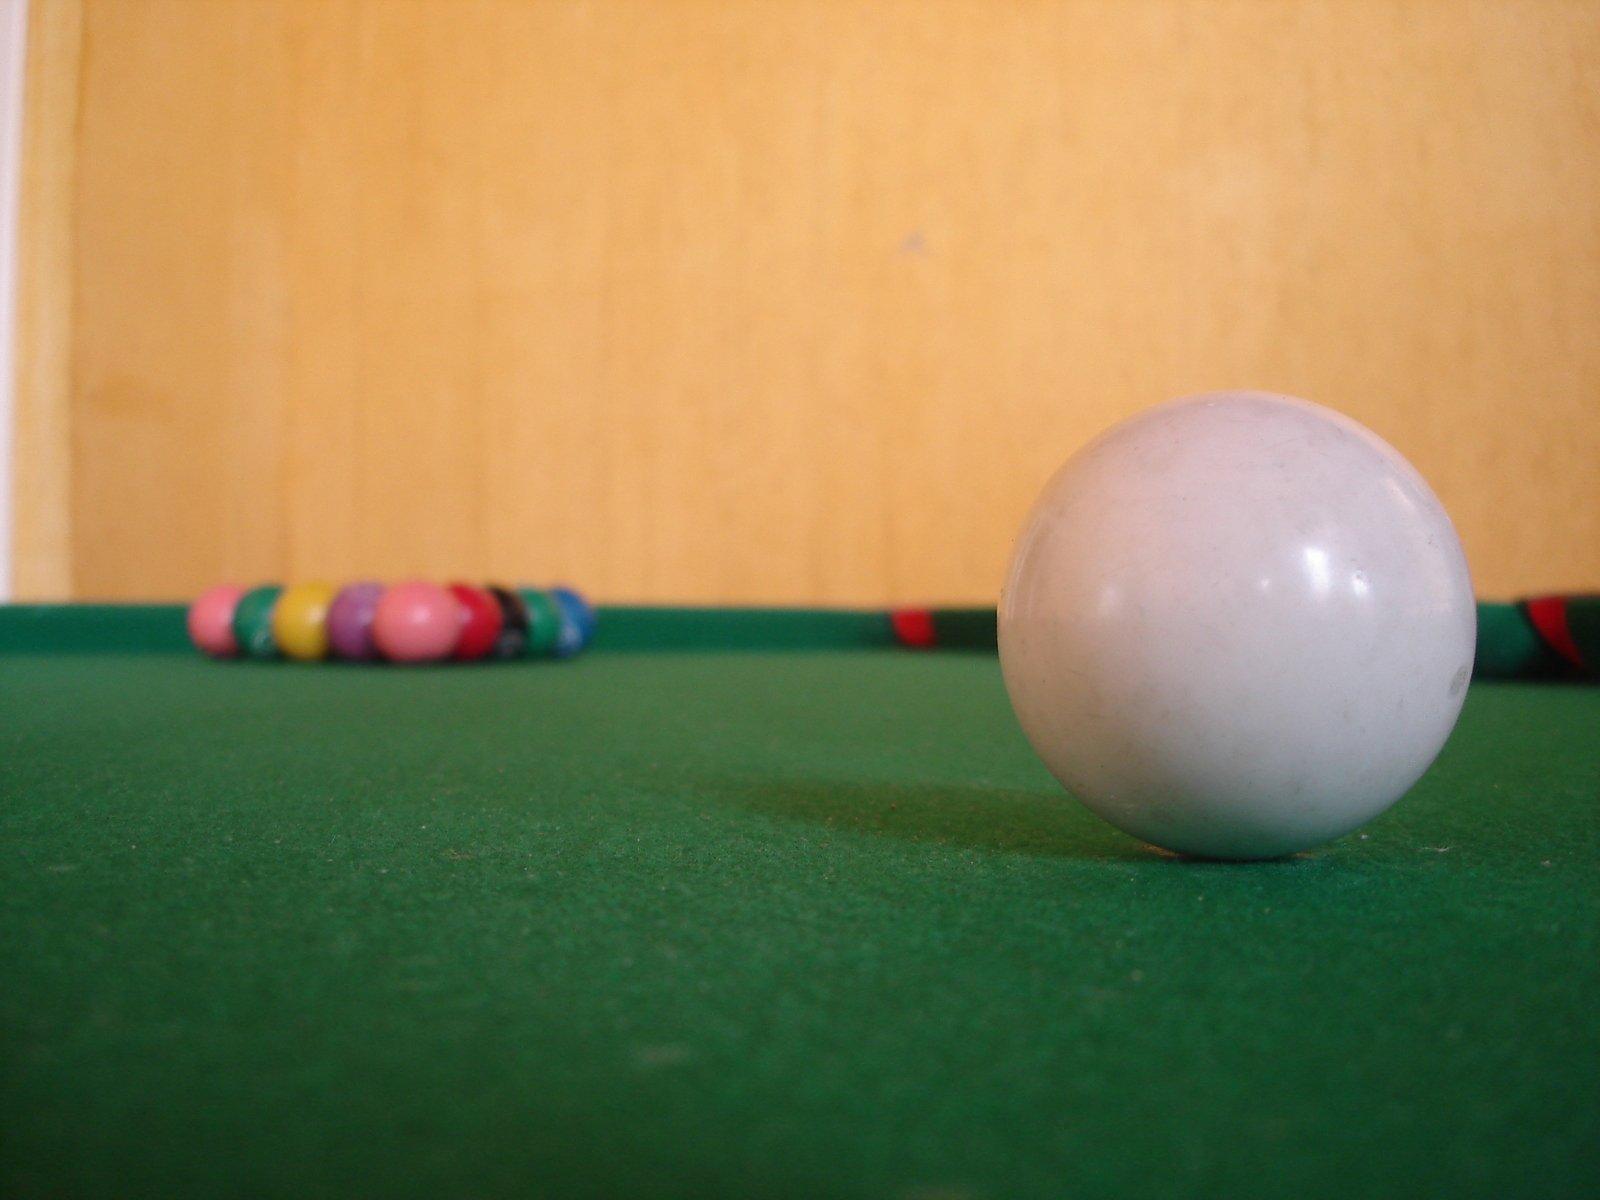 bilhar,snooker,sinuca,ball